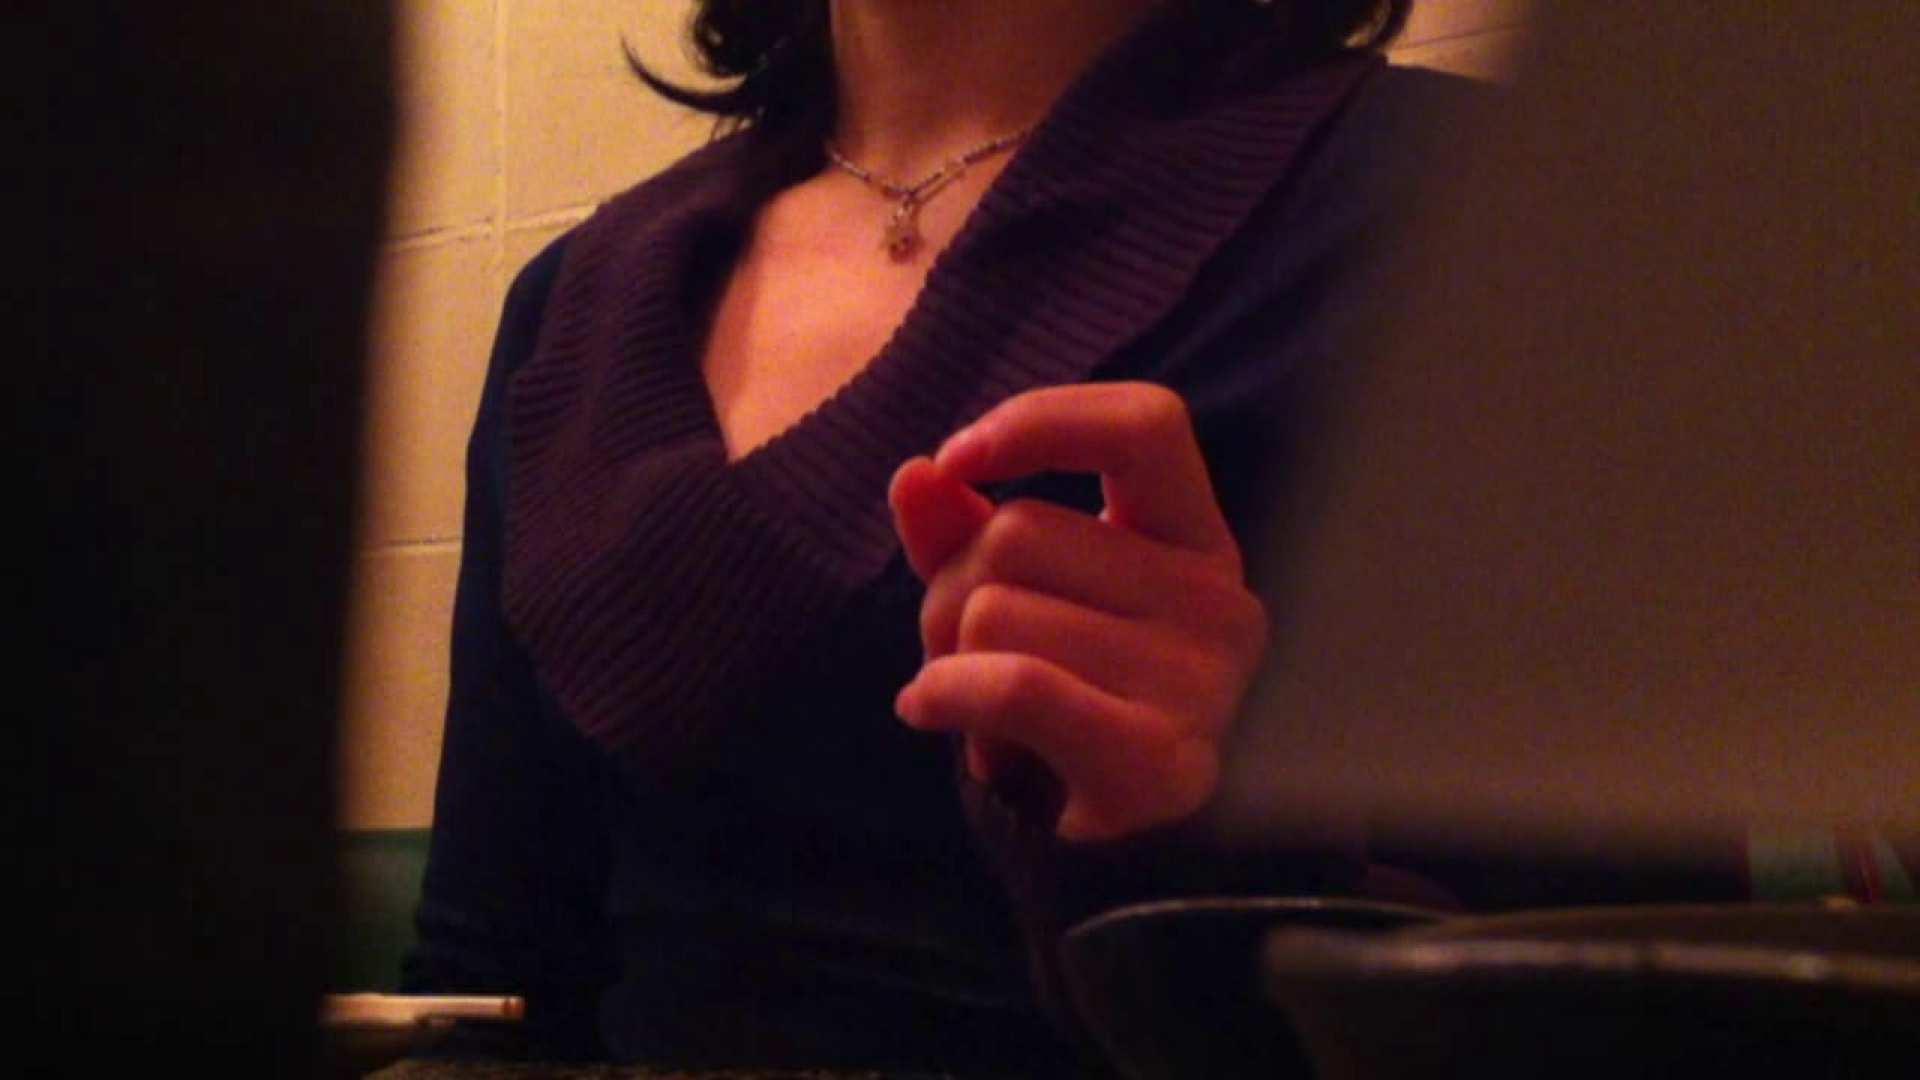 32才バツイチ子持ち現役看護婦じゅんこの変態願望Vol.1 手マン   性欲  76画像 1